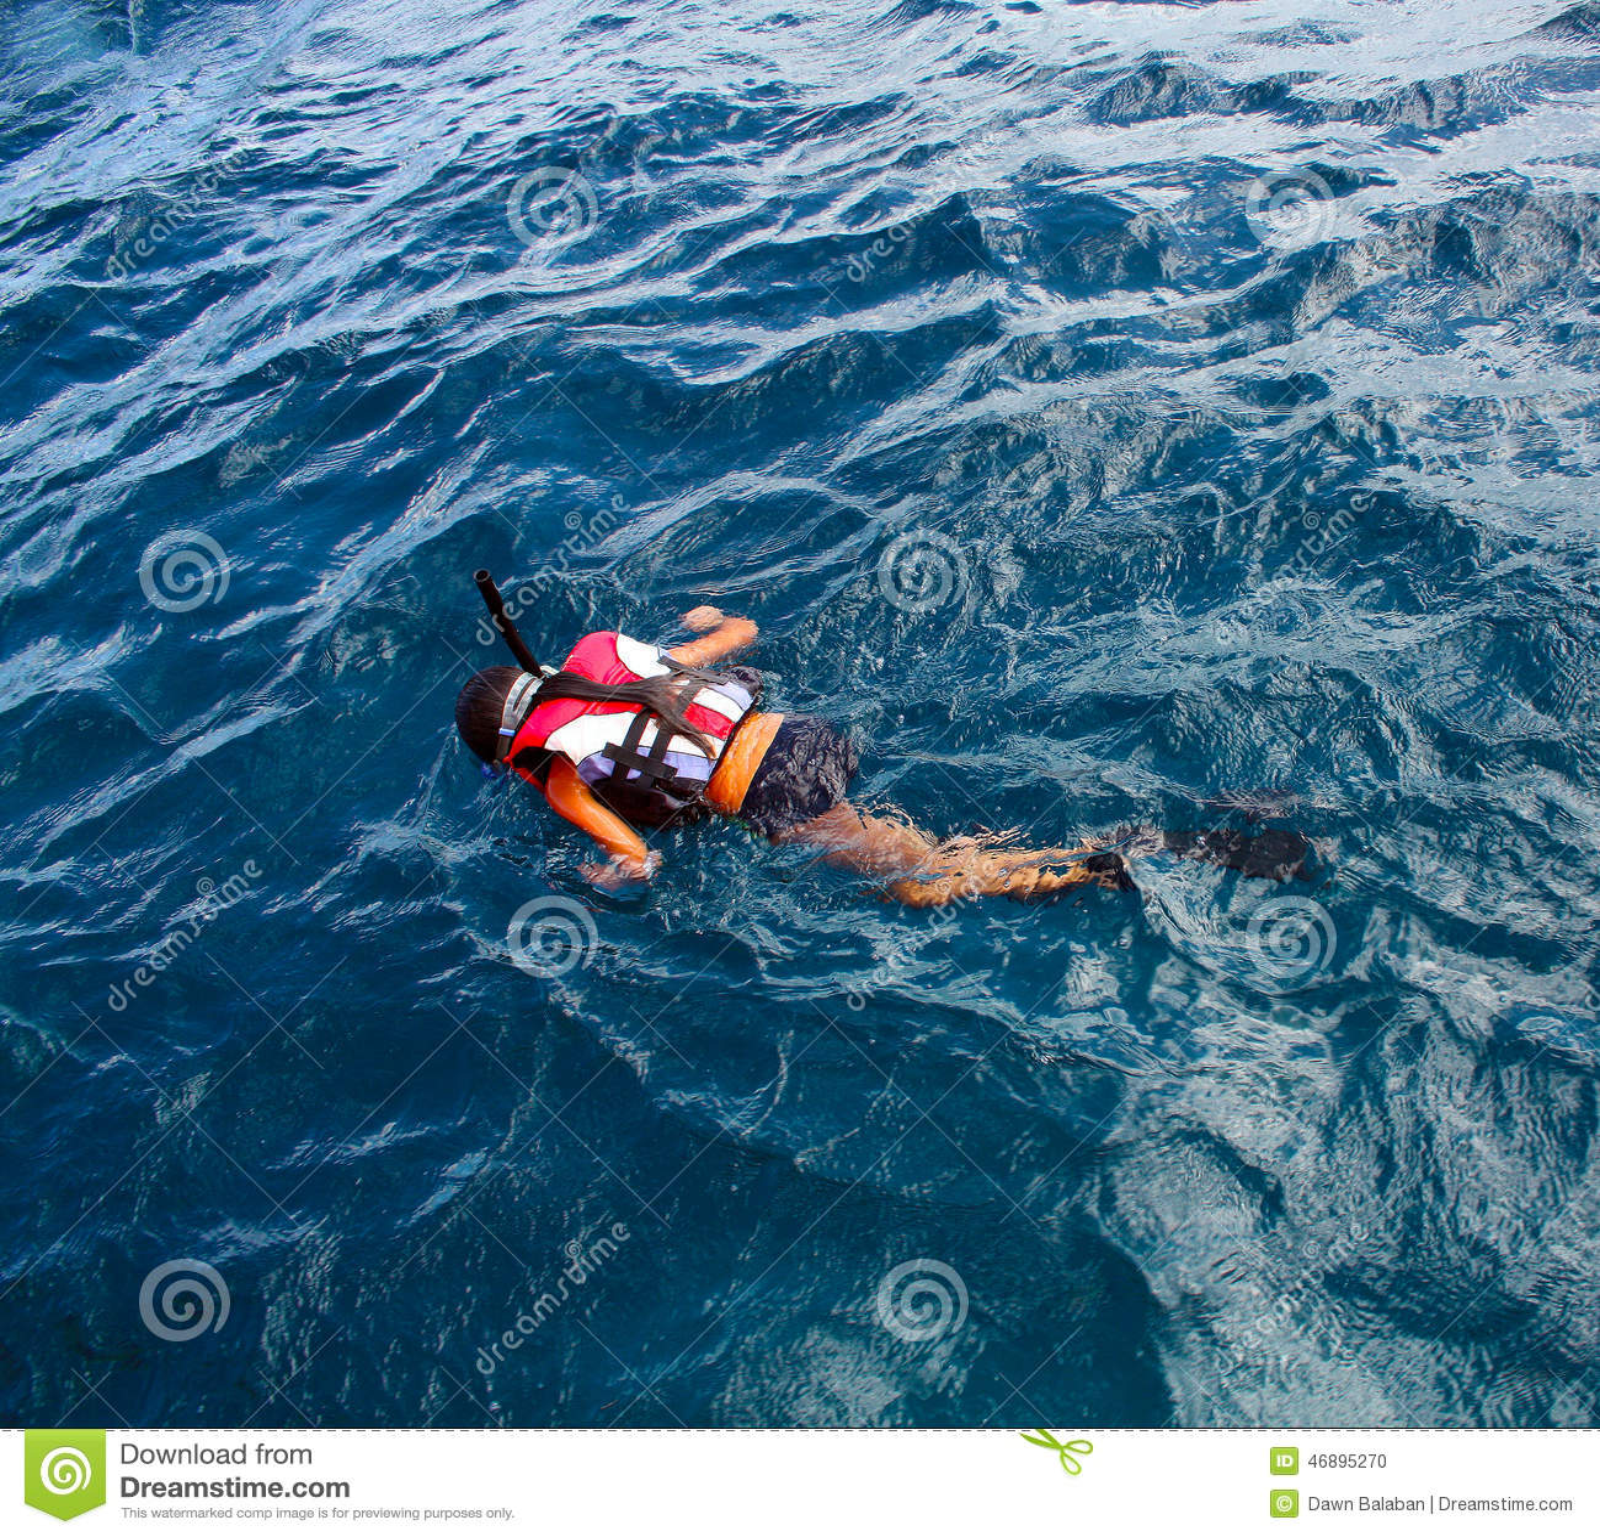 Μικρό κορίτσι που κολυμπά με αναπνευτήρα στον ωκεανό